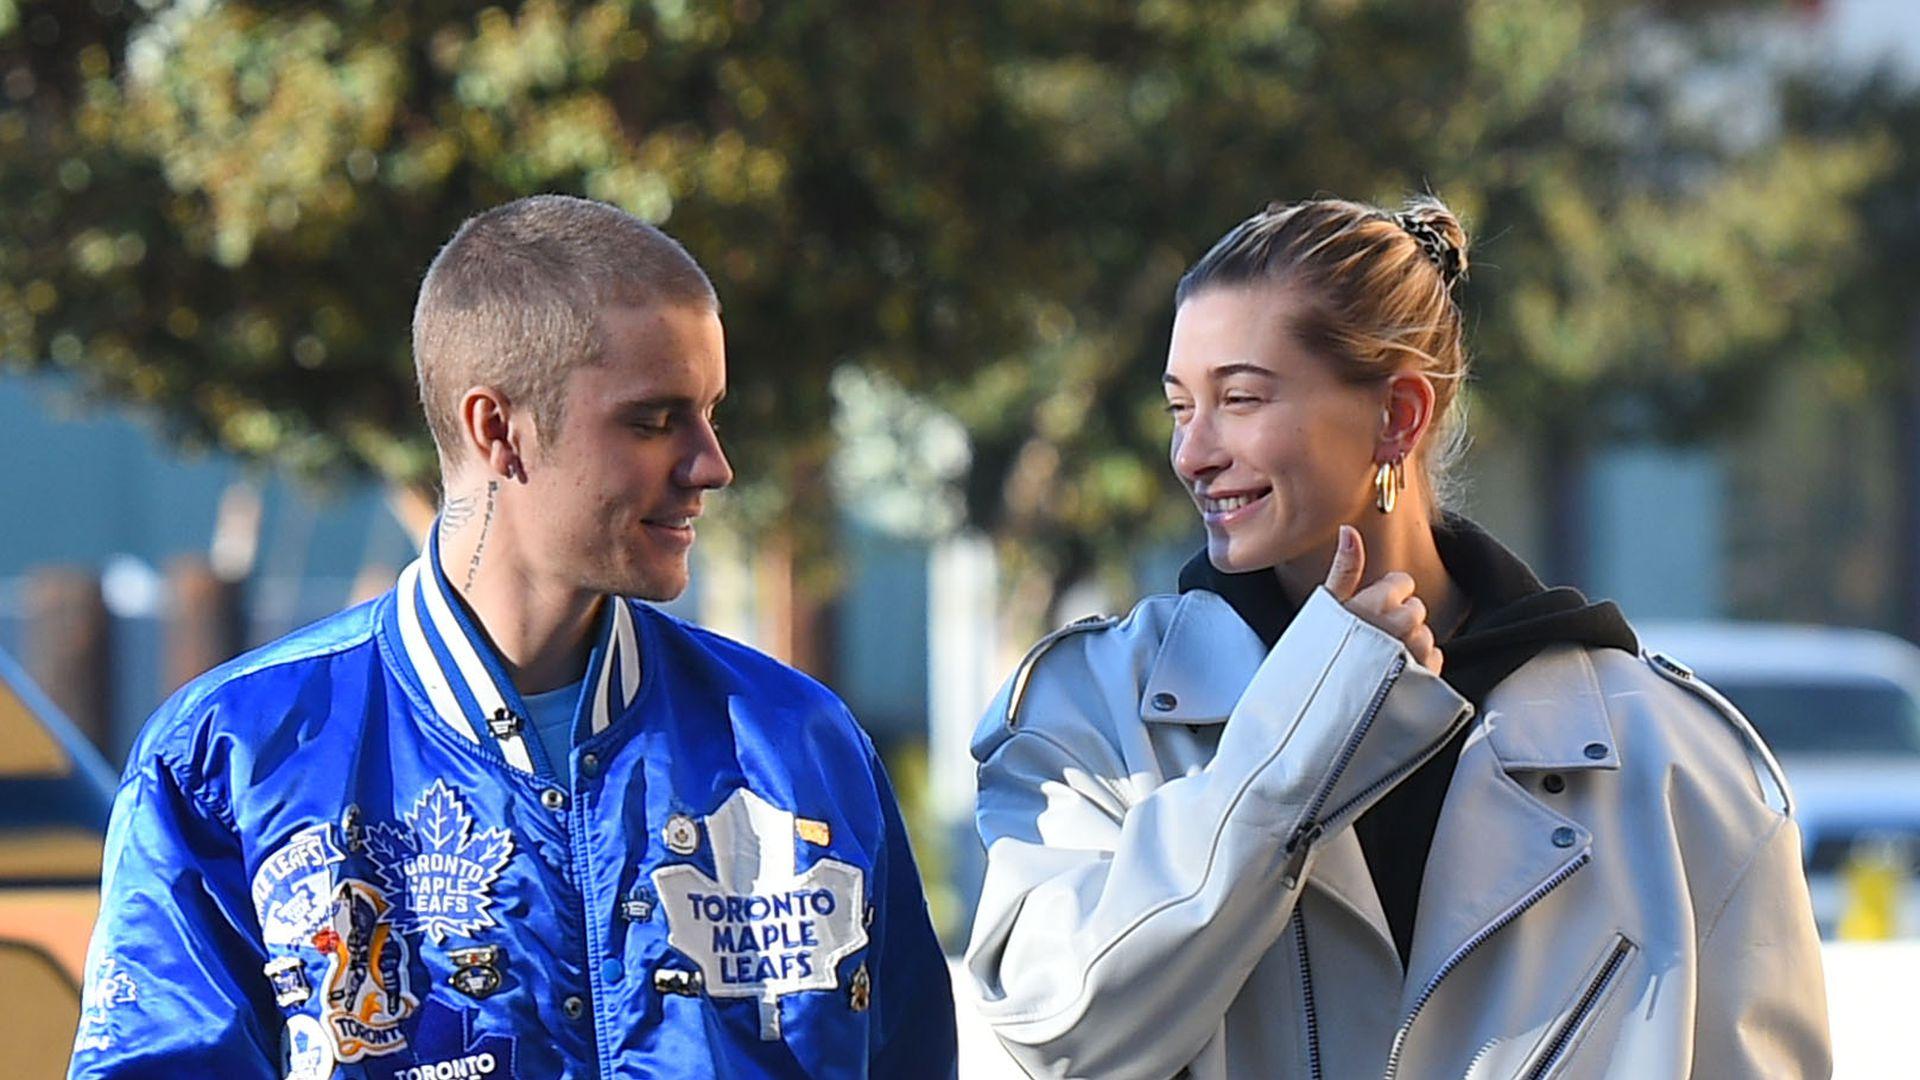 Justin  Hailey Bieber fhlen sich noch nicht verheiratet  Promiflashde